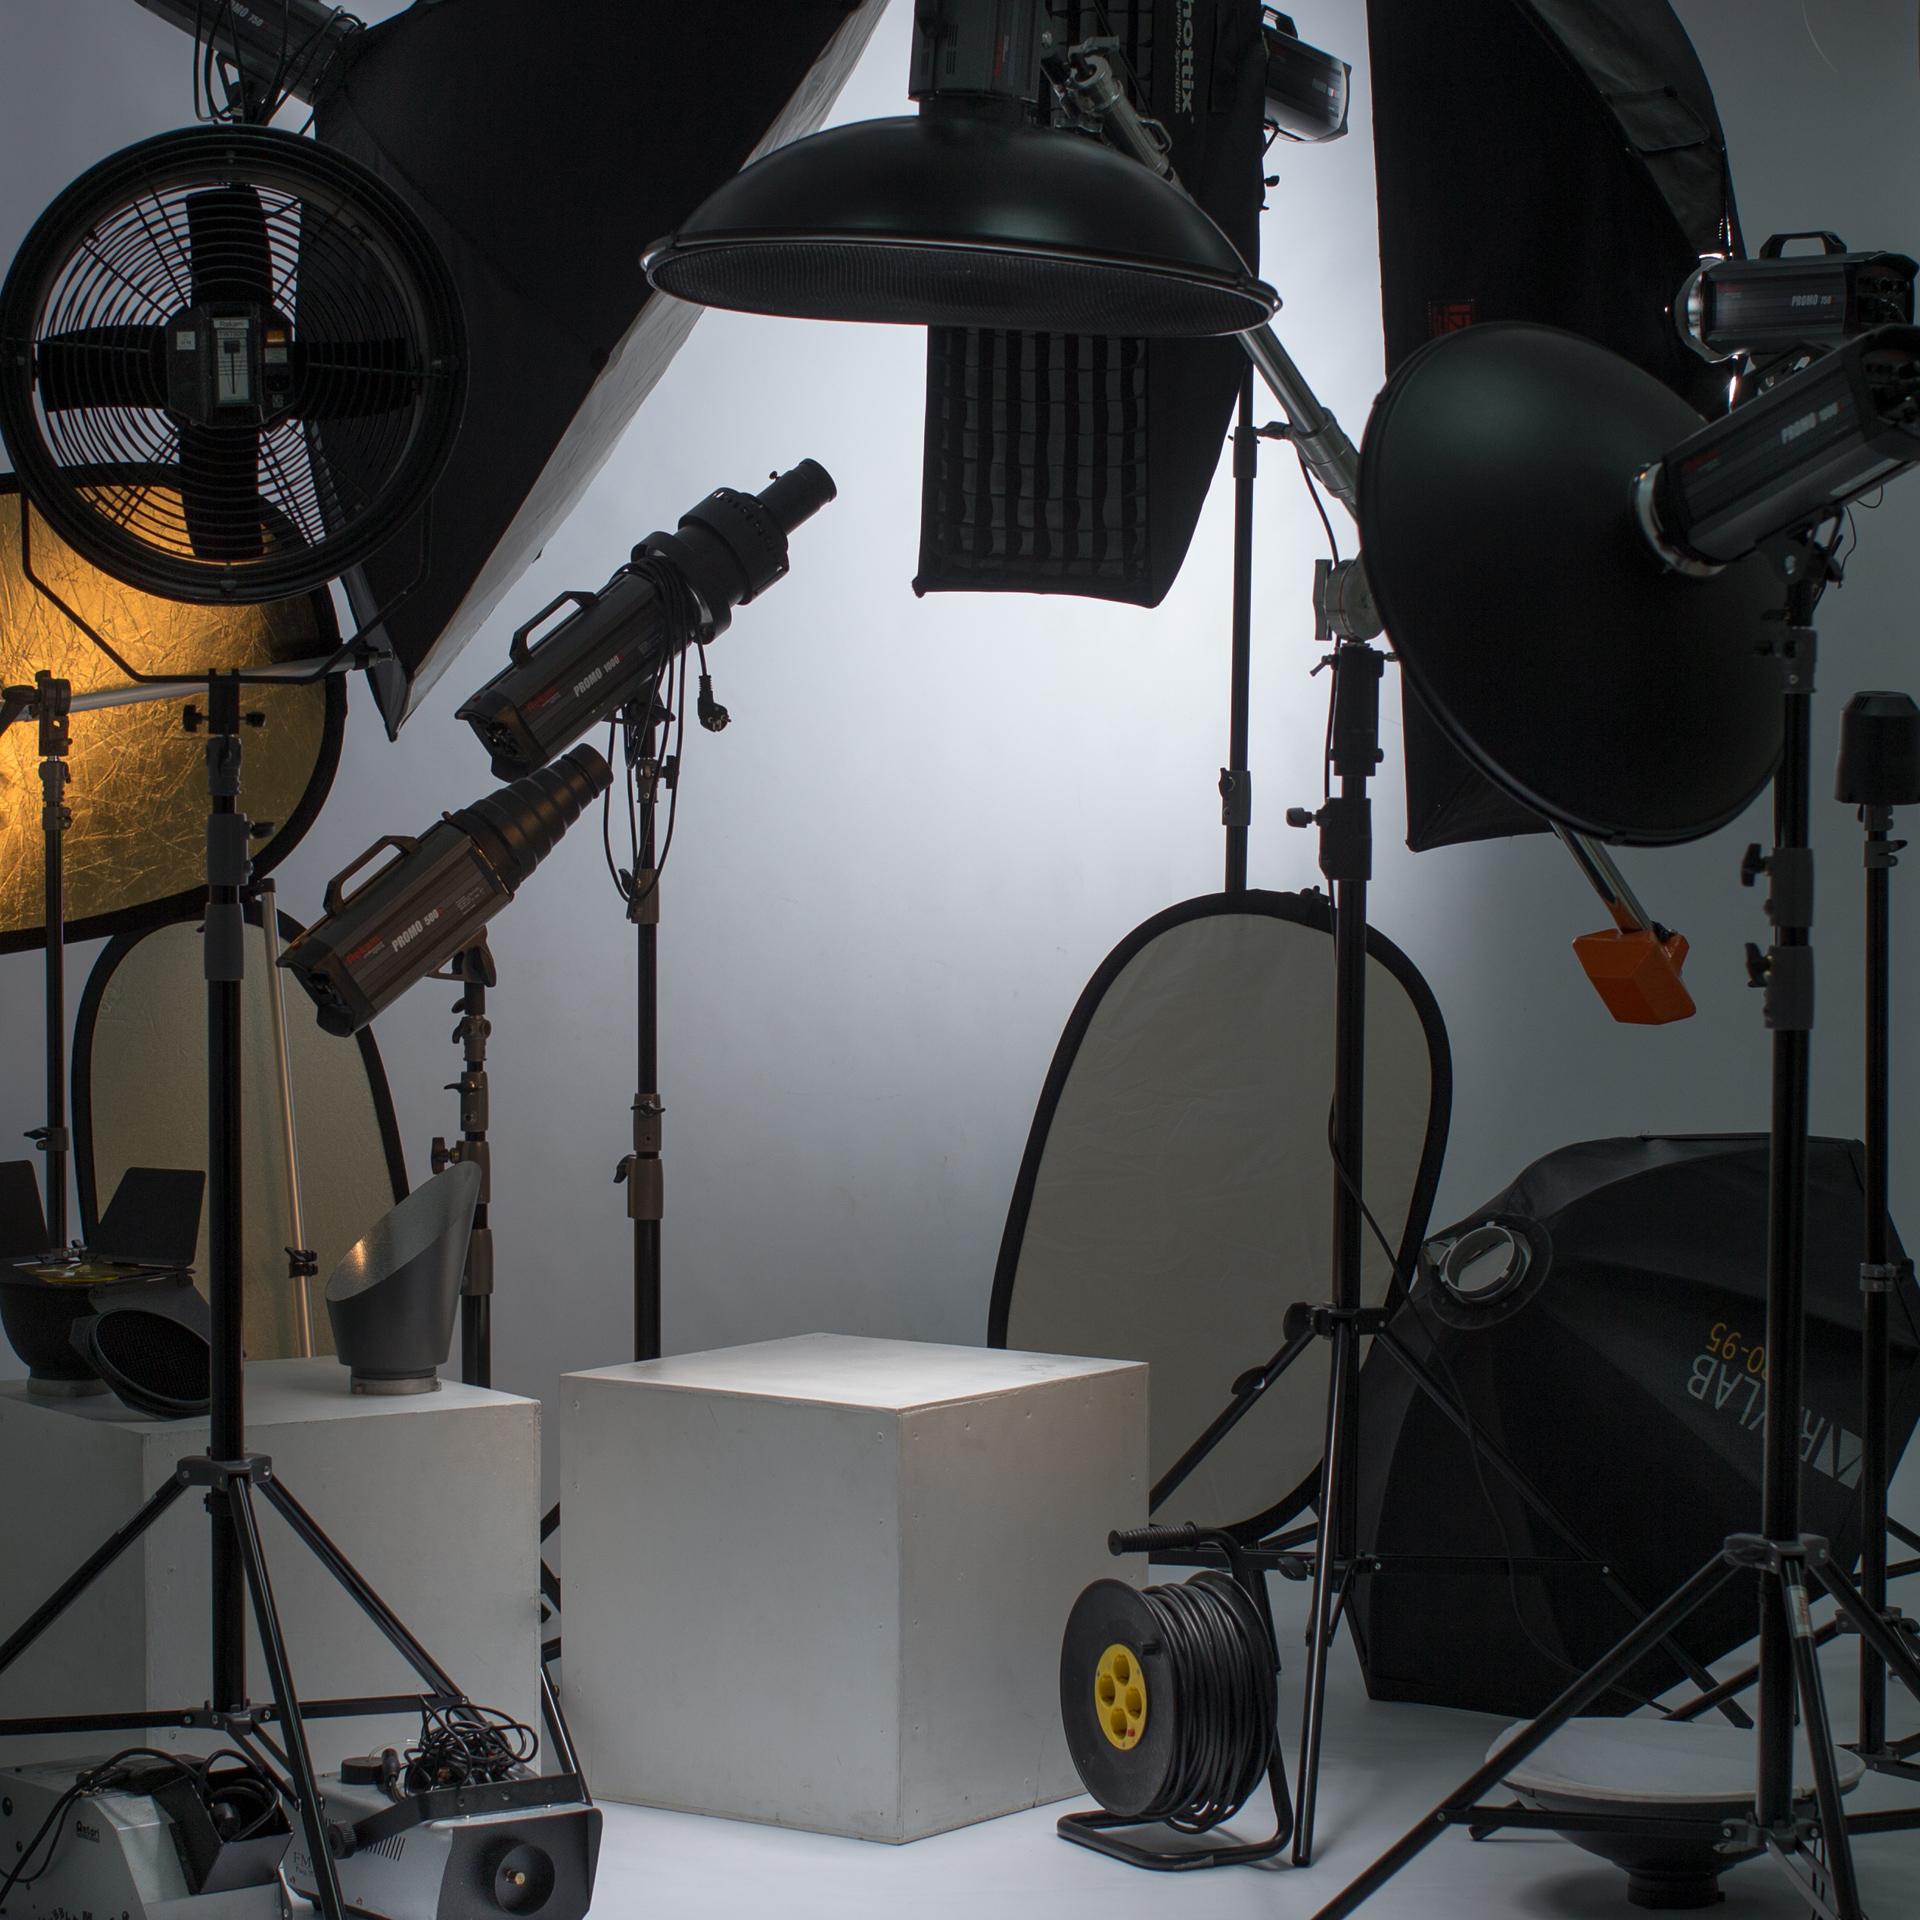 Оборудование фотостудии Диомид.